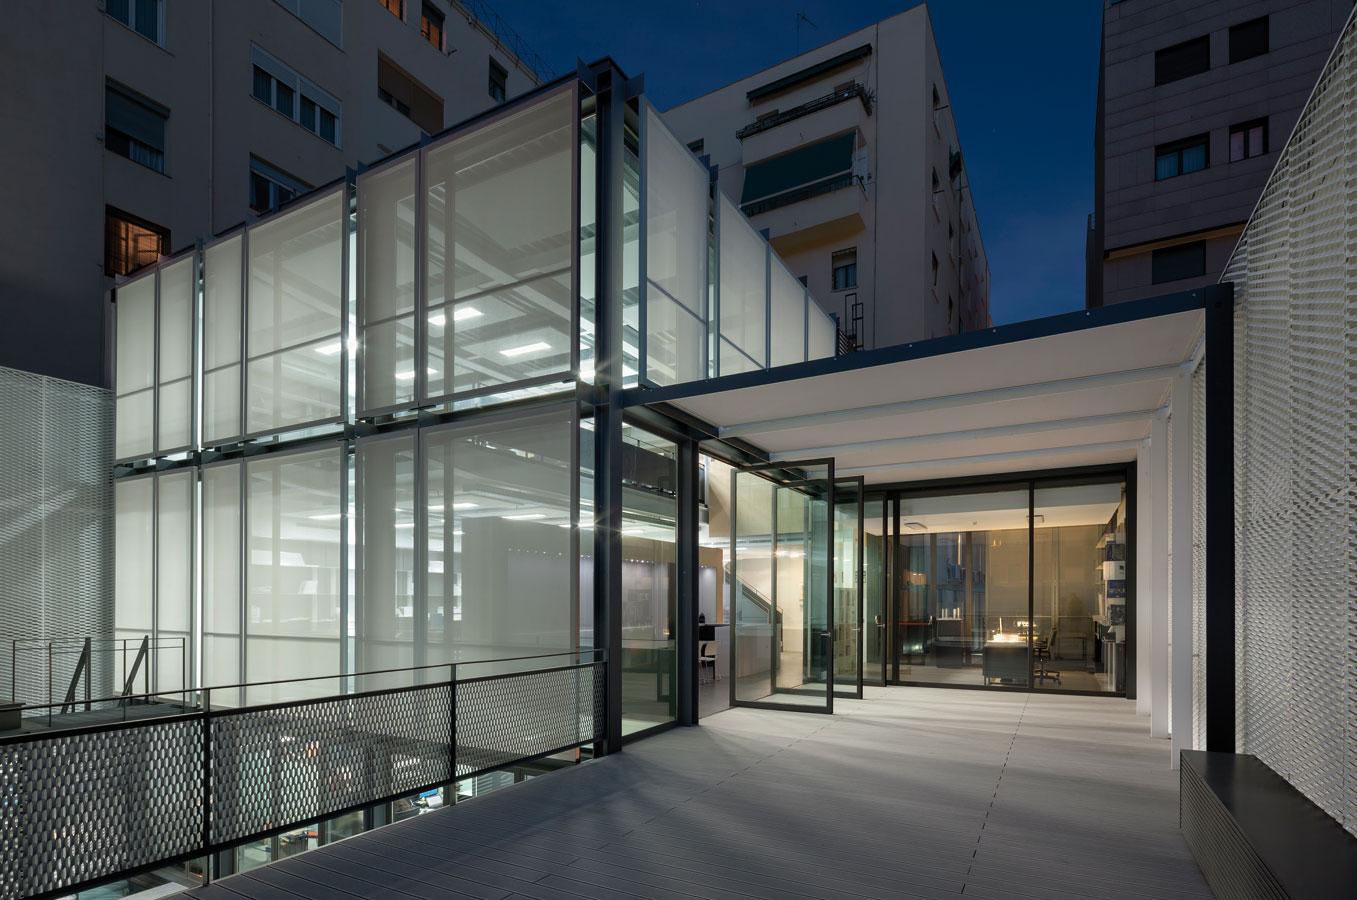 Proyectos edificio all87 allende arquitectos - Arquitectos madrid ...